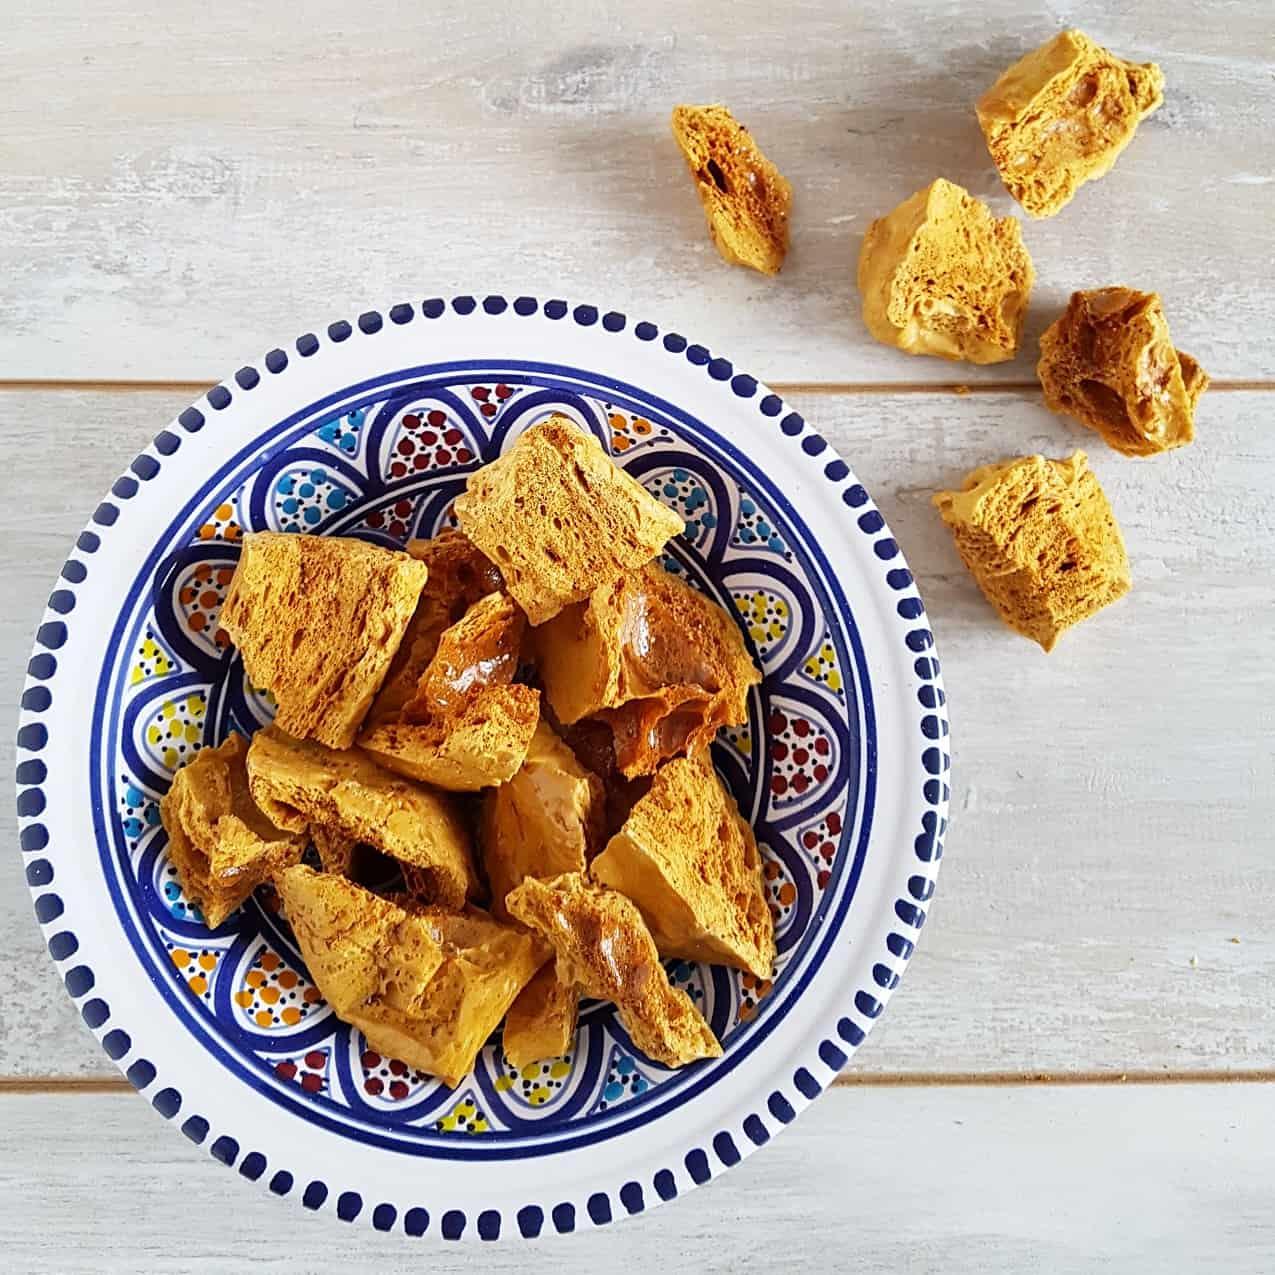 Honeycomb recept - zelf honeycomb maken